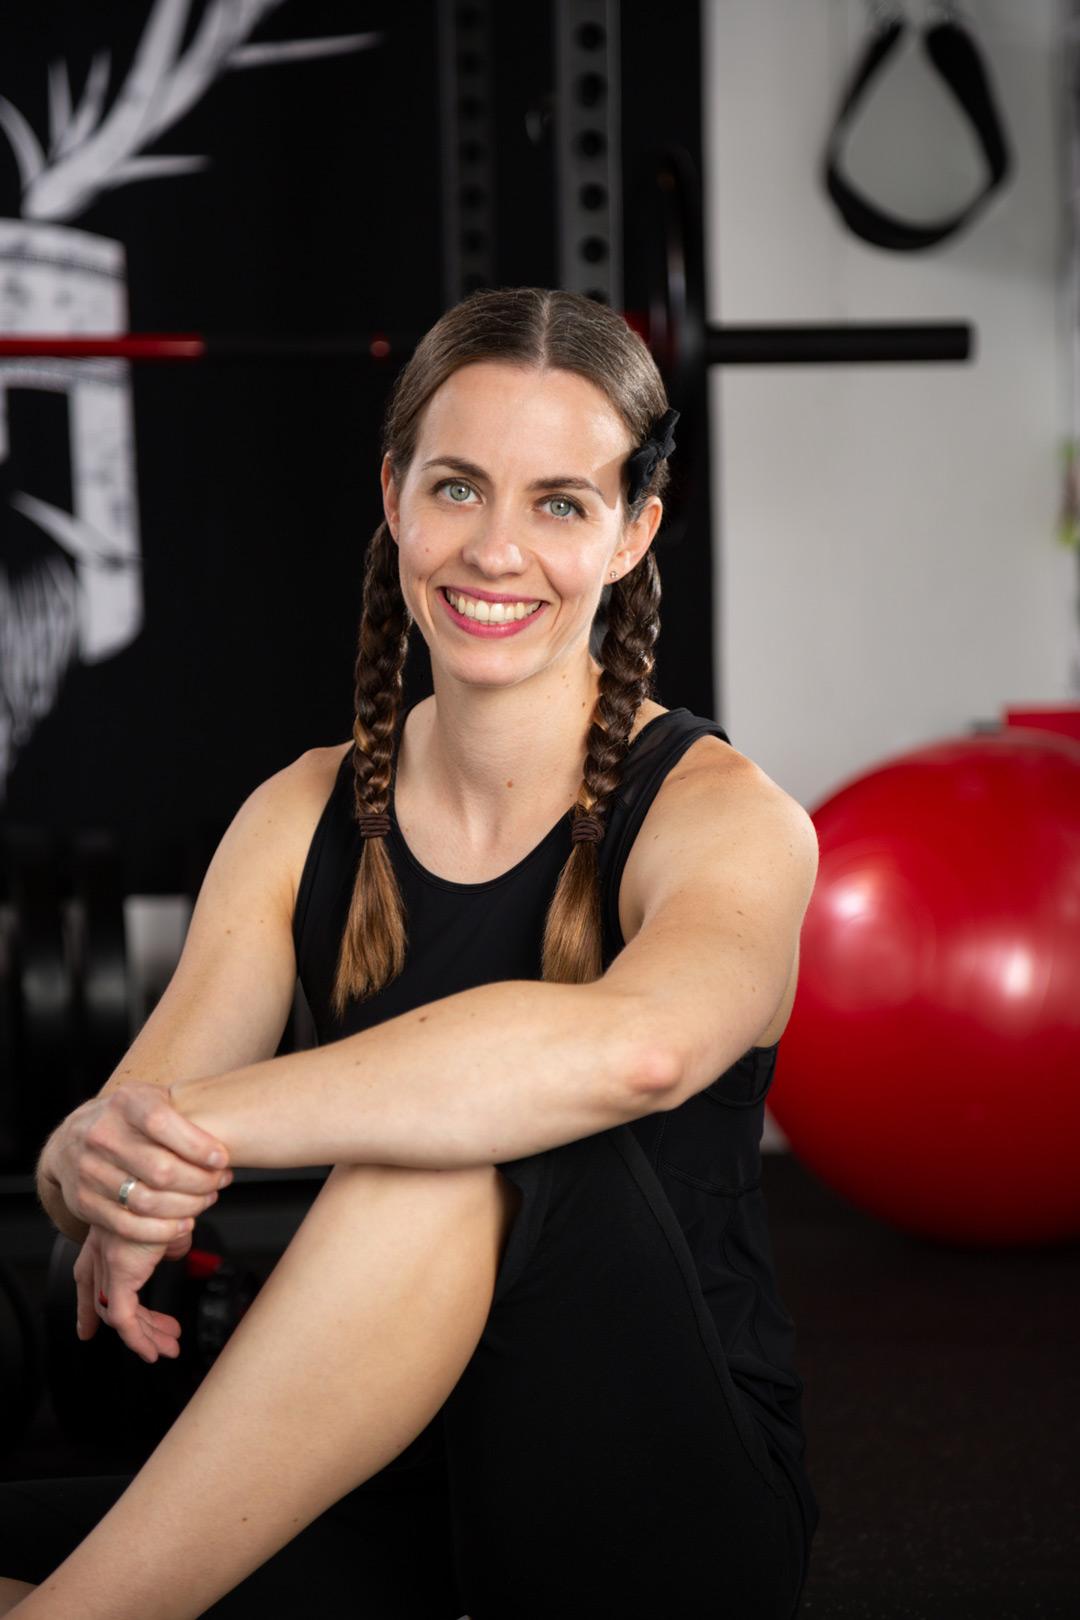 Karina Inkster Canadian Vegan Fitness Expert